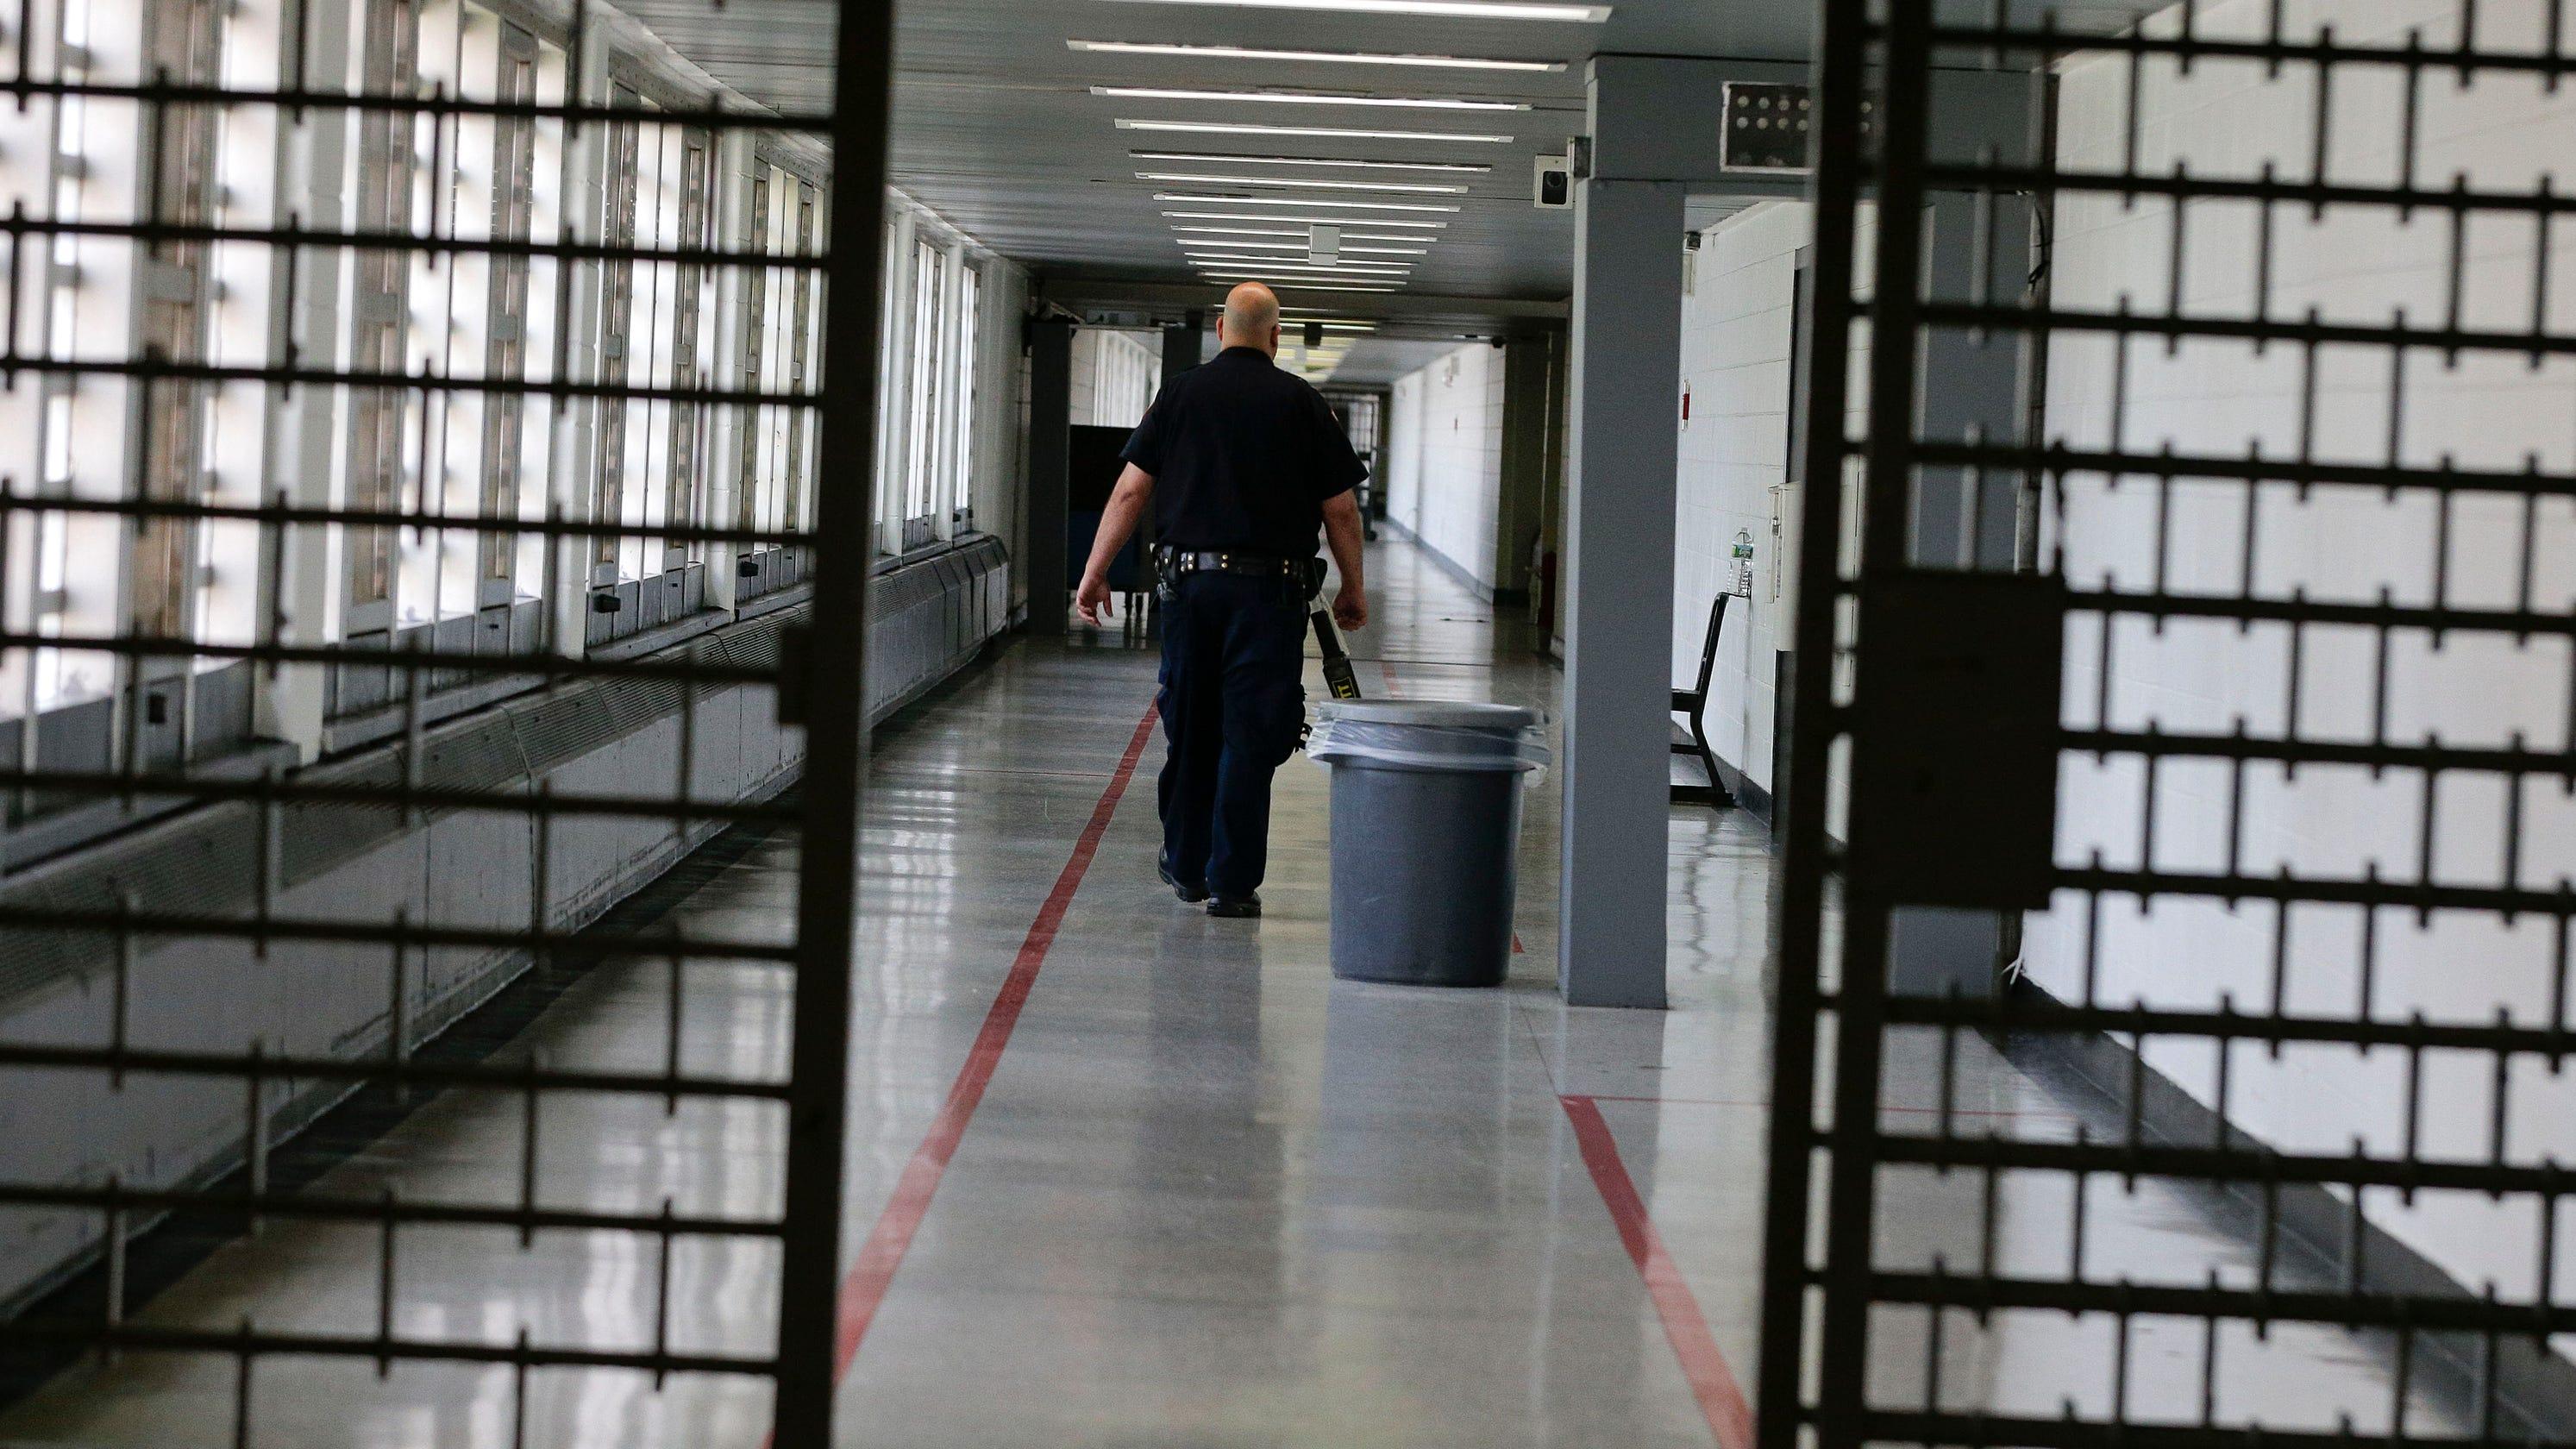 Solitary confinement makes juveniles more dangerous